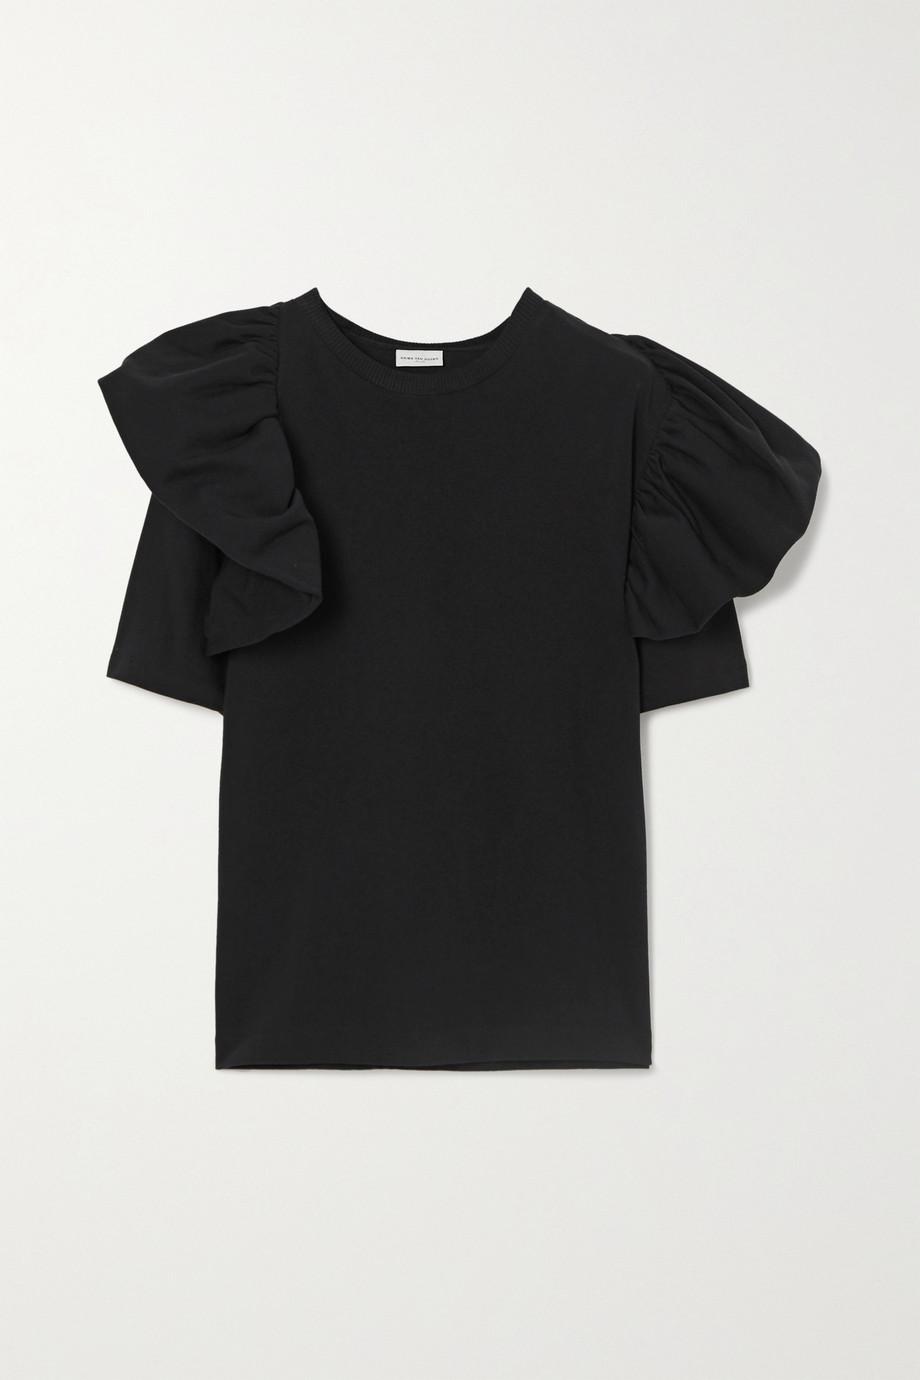 Dries Van Noten Ruffled cotton-jersey t-shirt